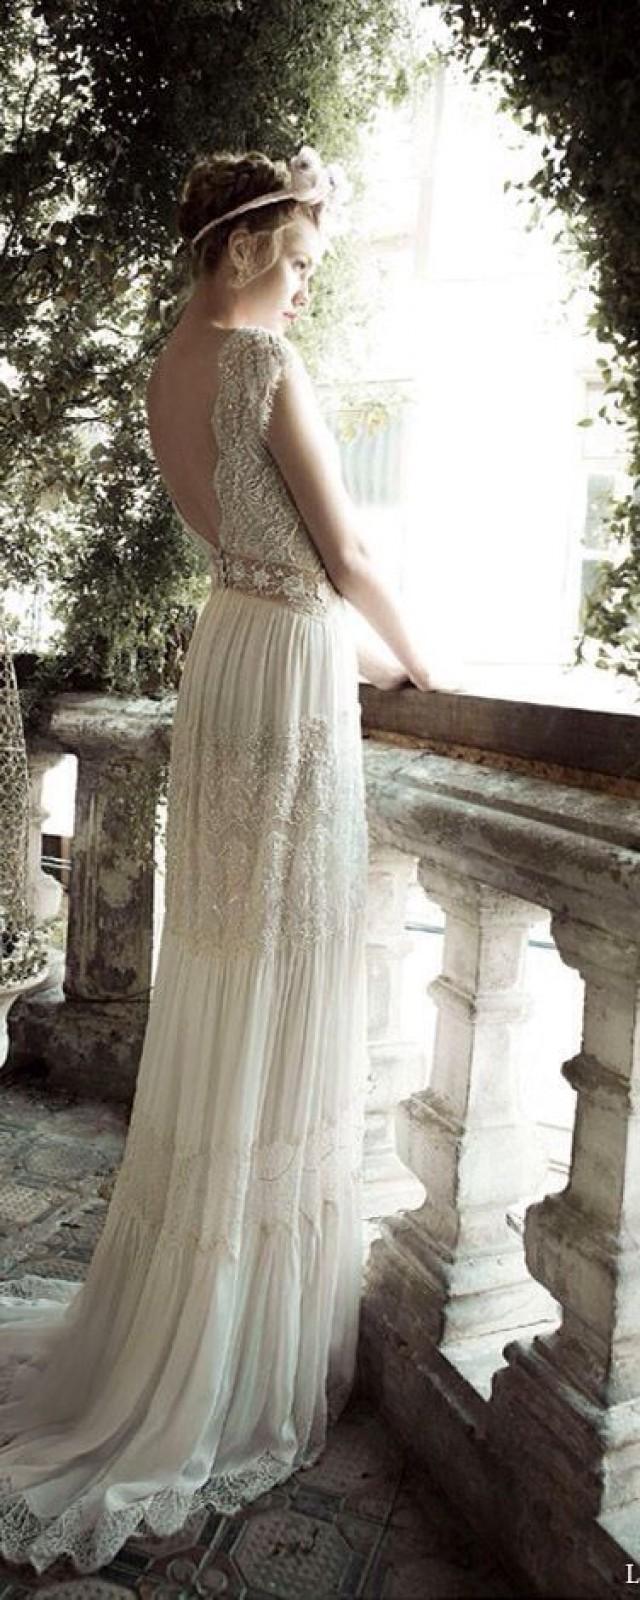 Wedding Theme - Weddings - Lavender & Lilac #2152403 - Weddbook